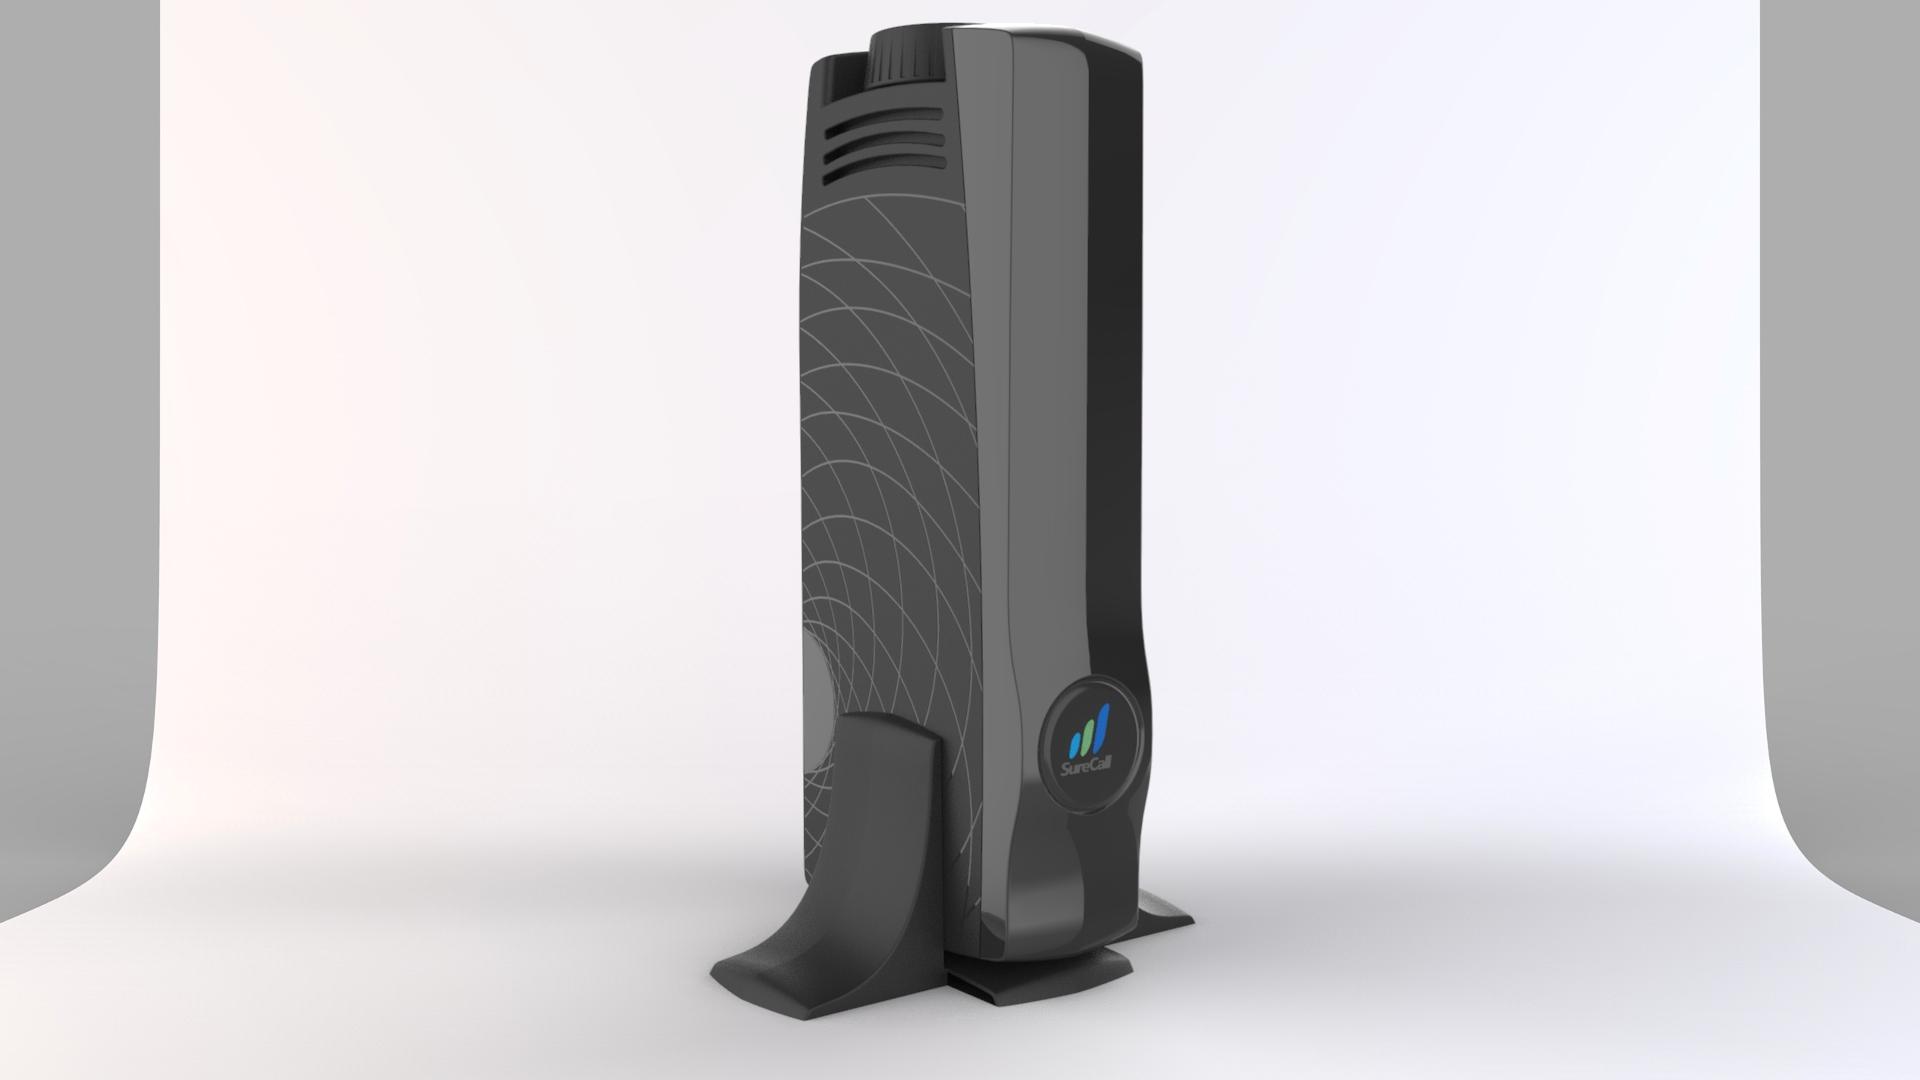 surecall product design rendering